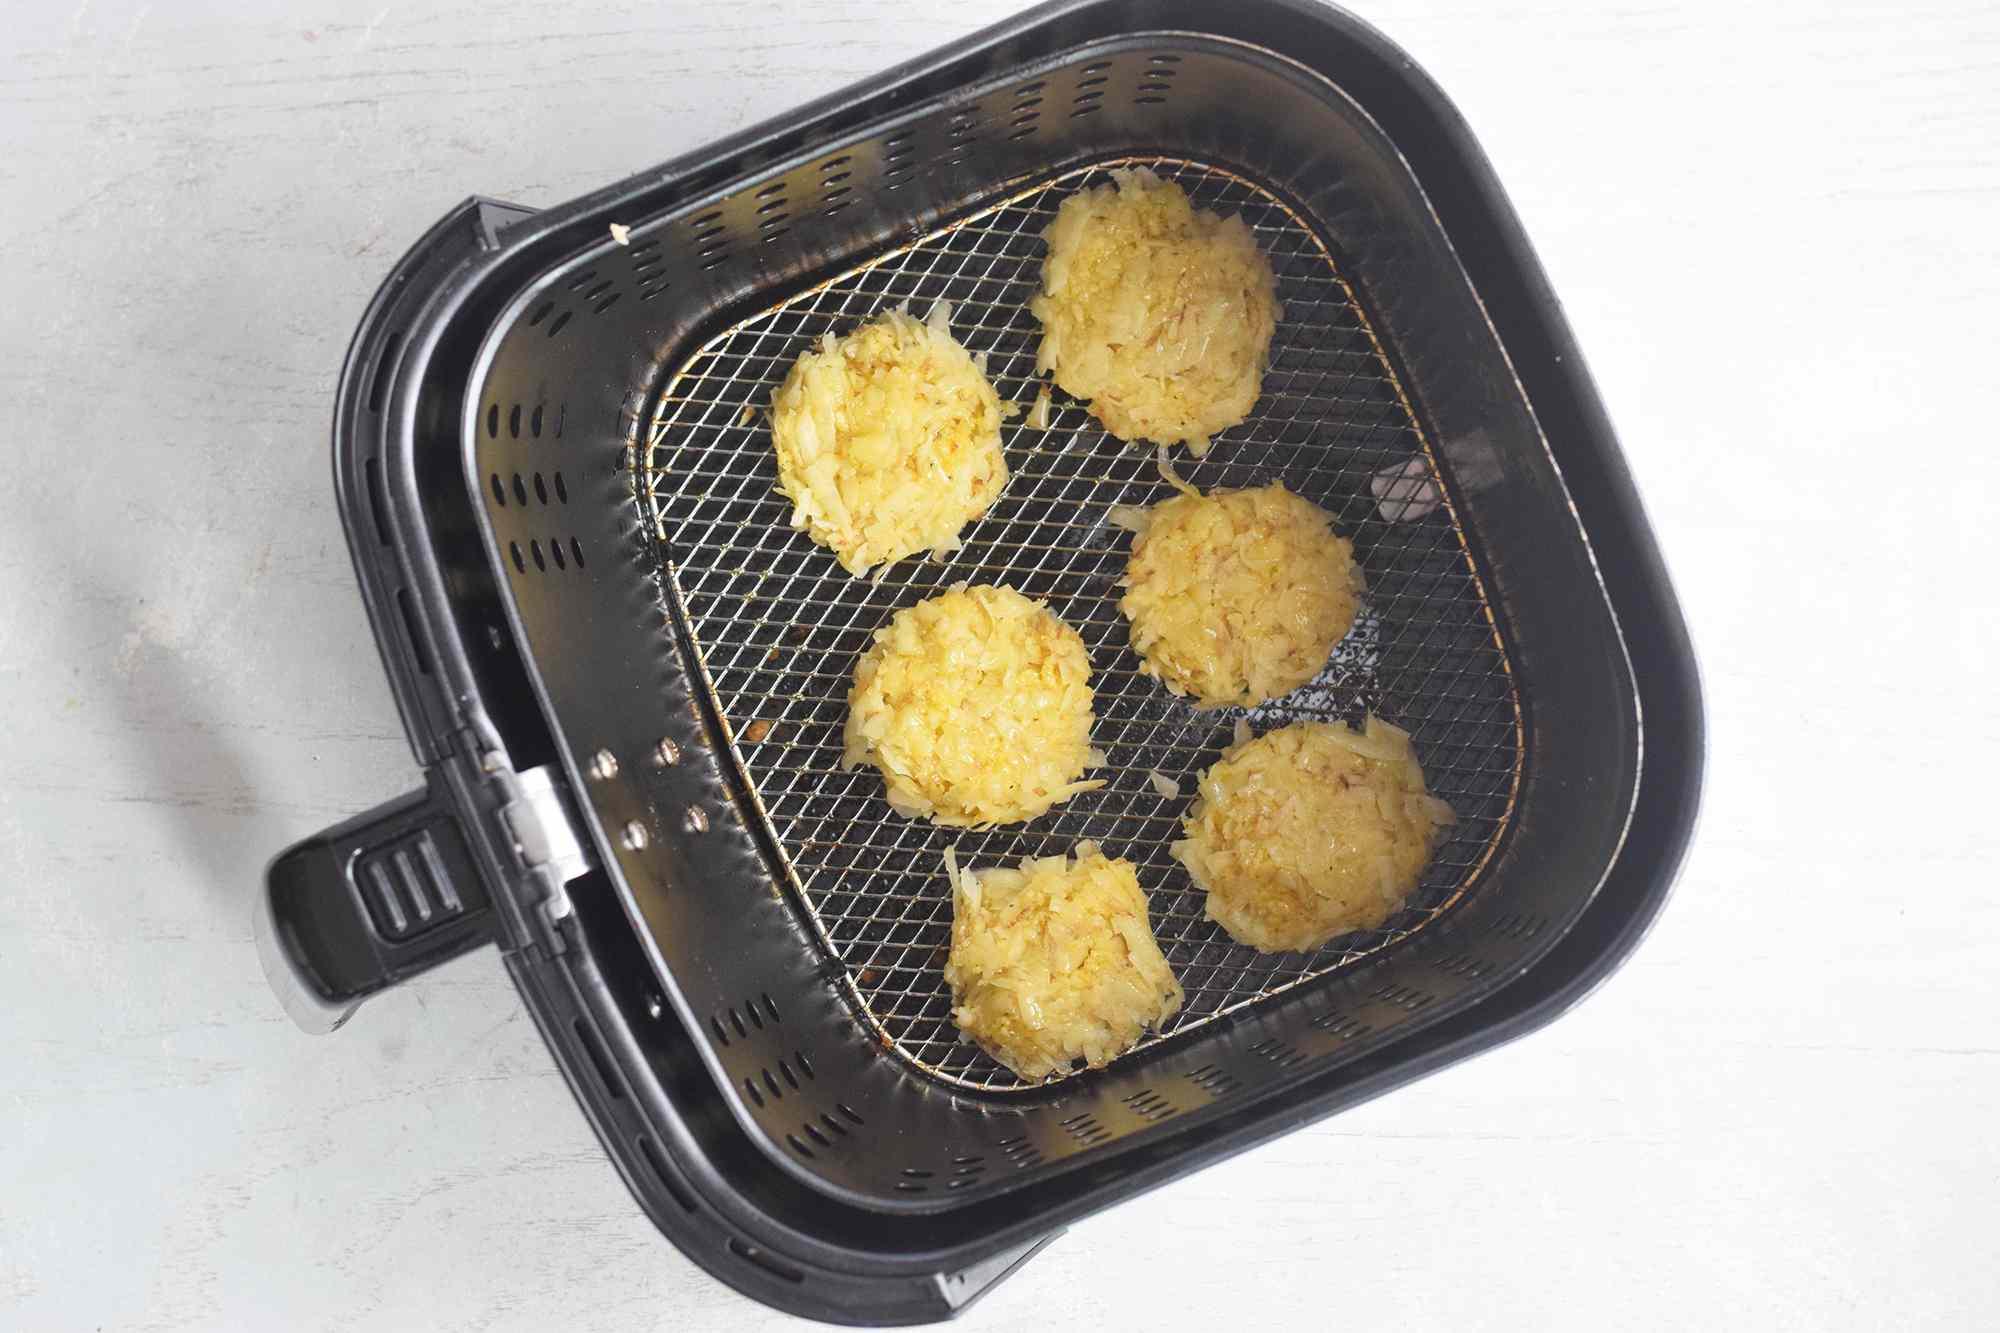 Air frying latkes